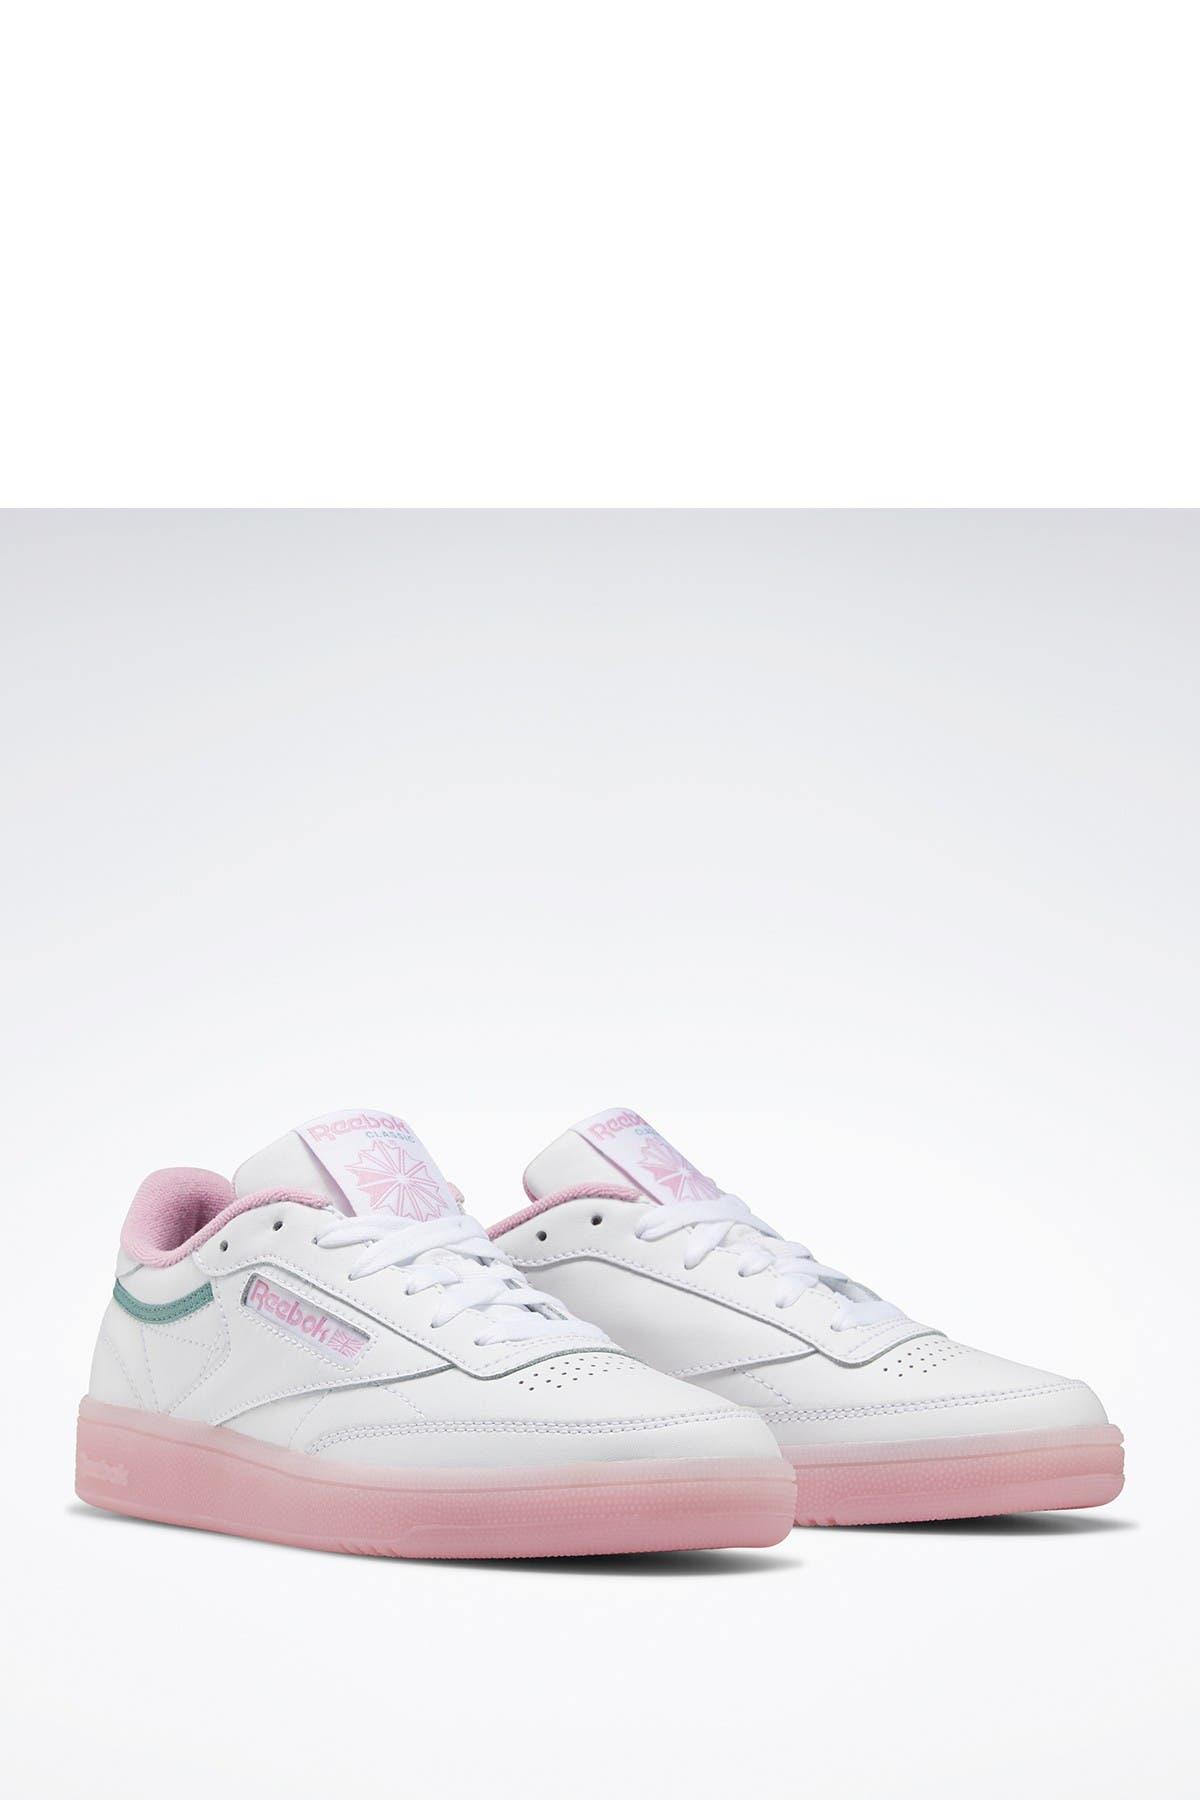 Reebok | Club C 85 Sneaker | Nordstrom Rack